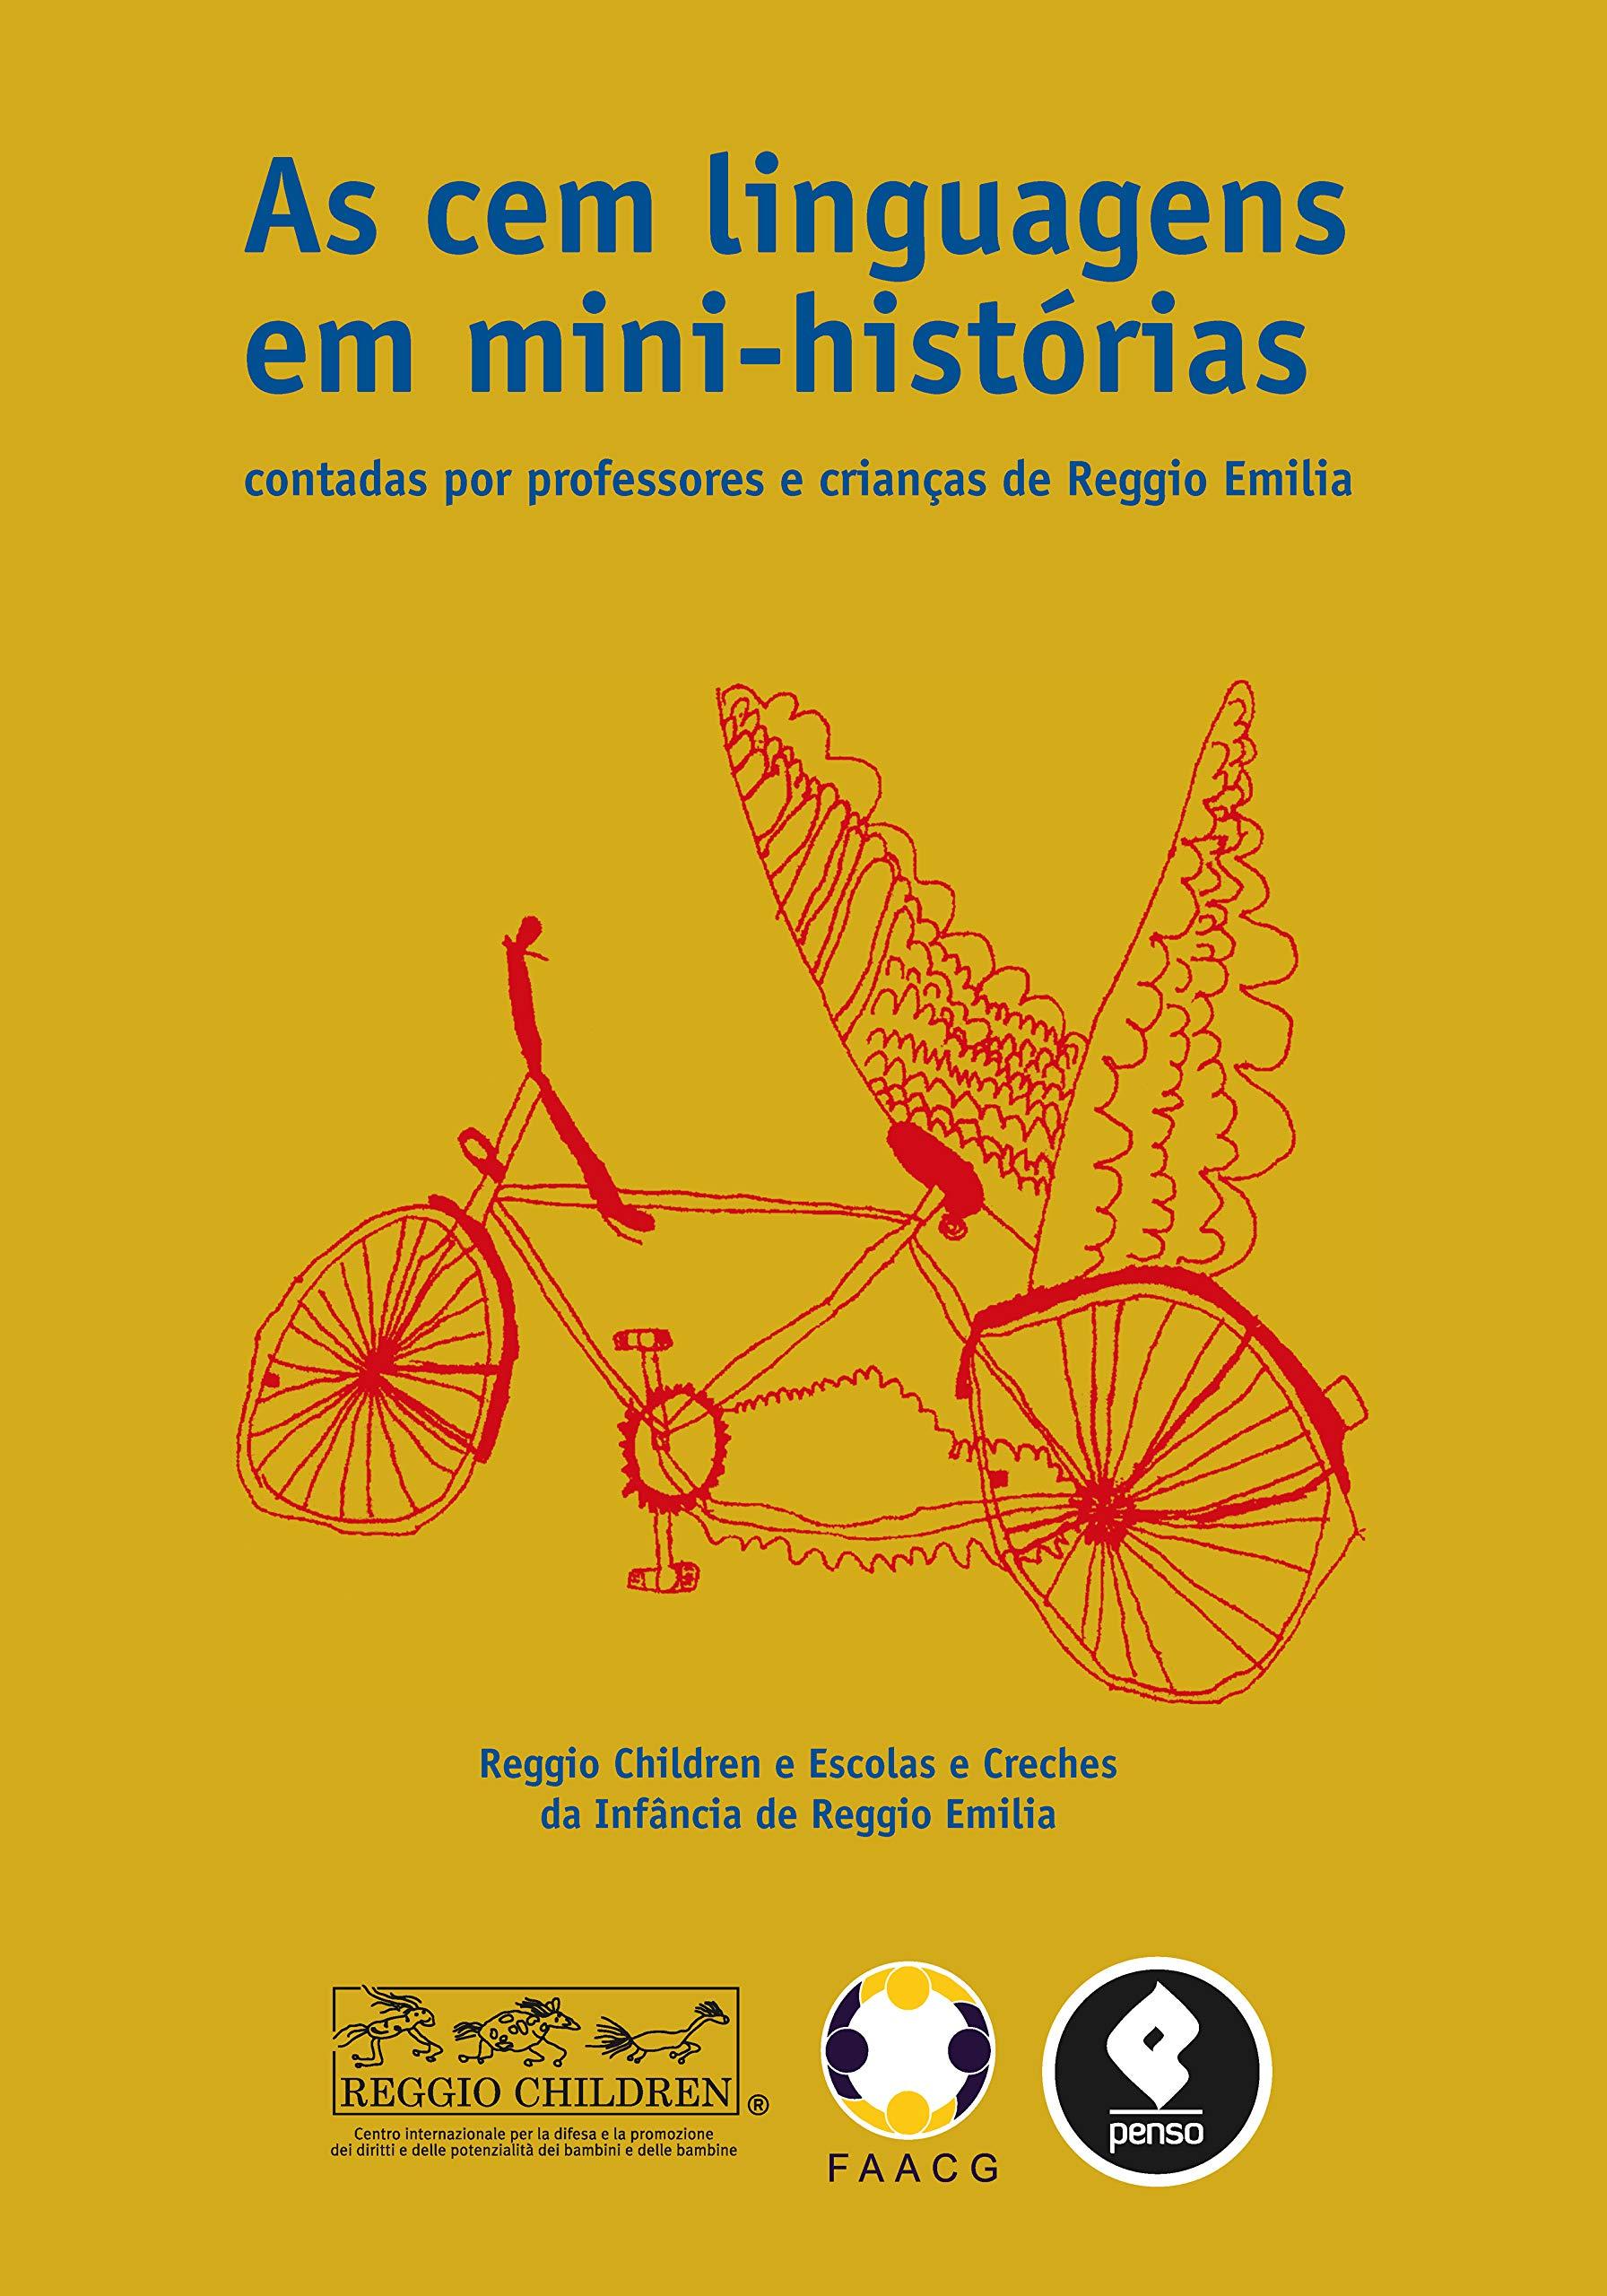 Livro 'As Cem Linguagens em Mini-histórias' por Reggio Children